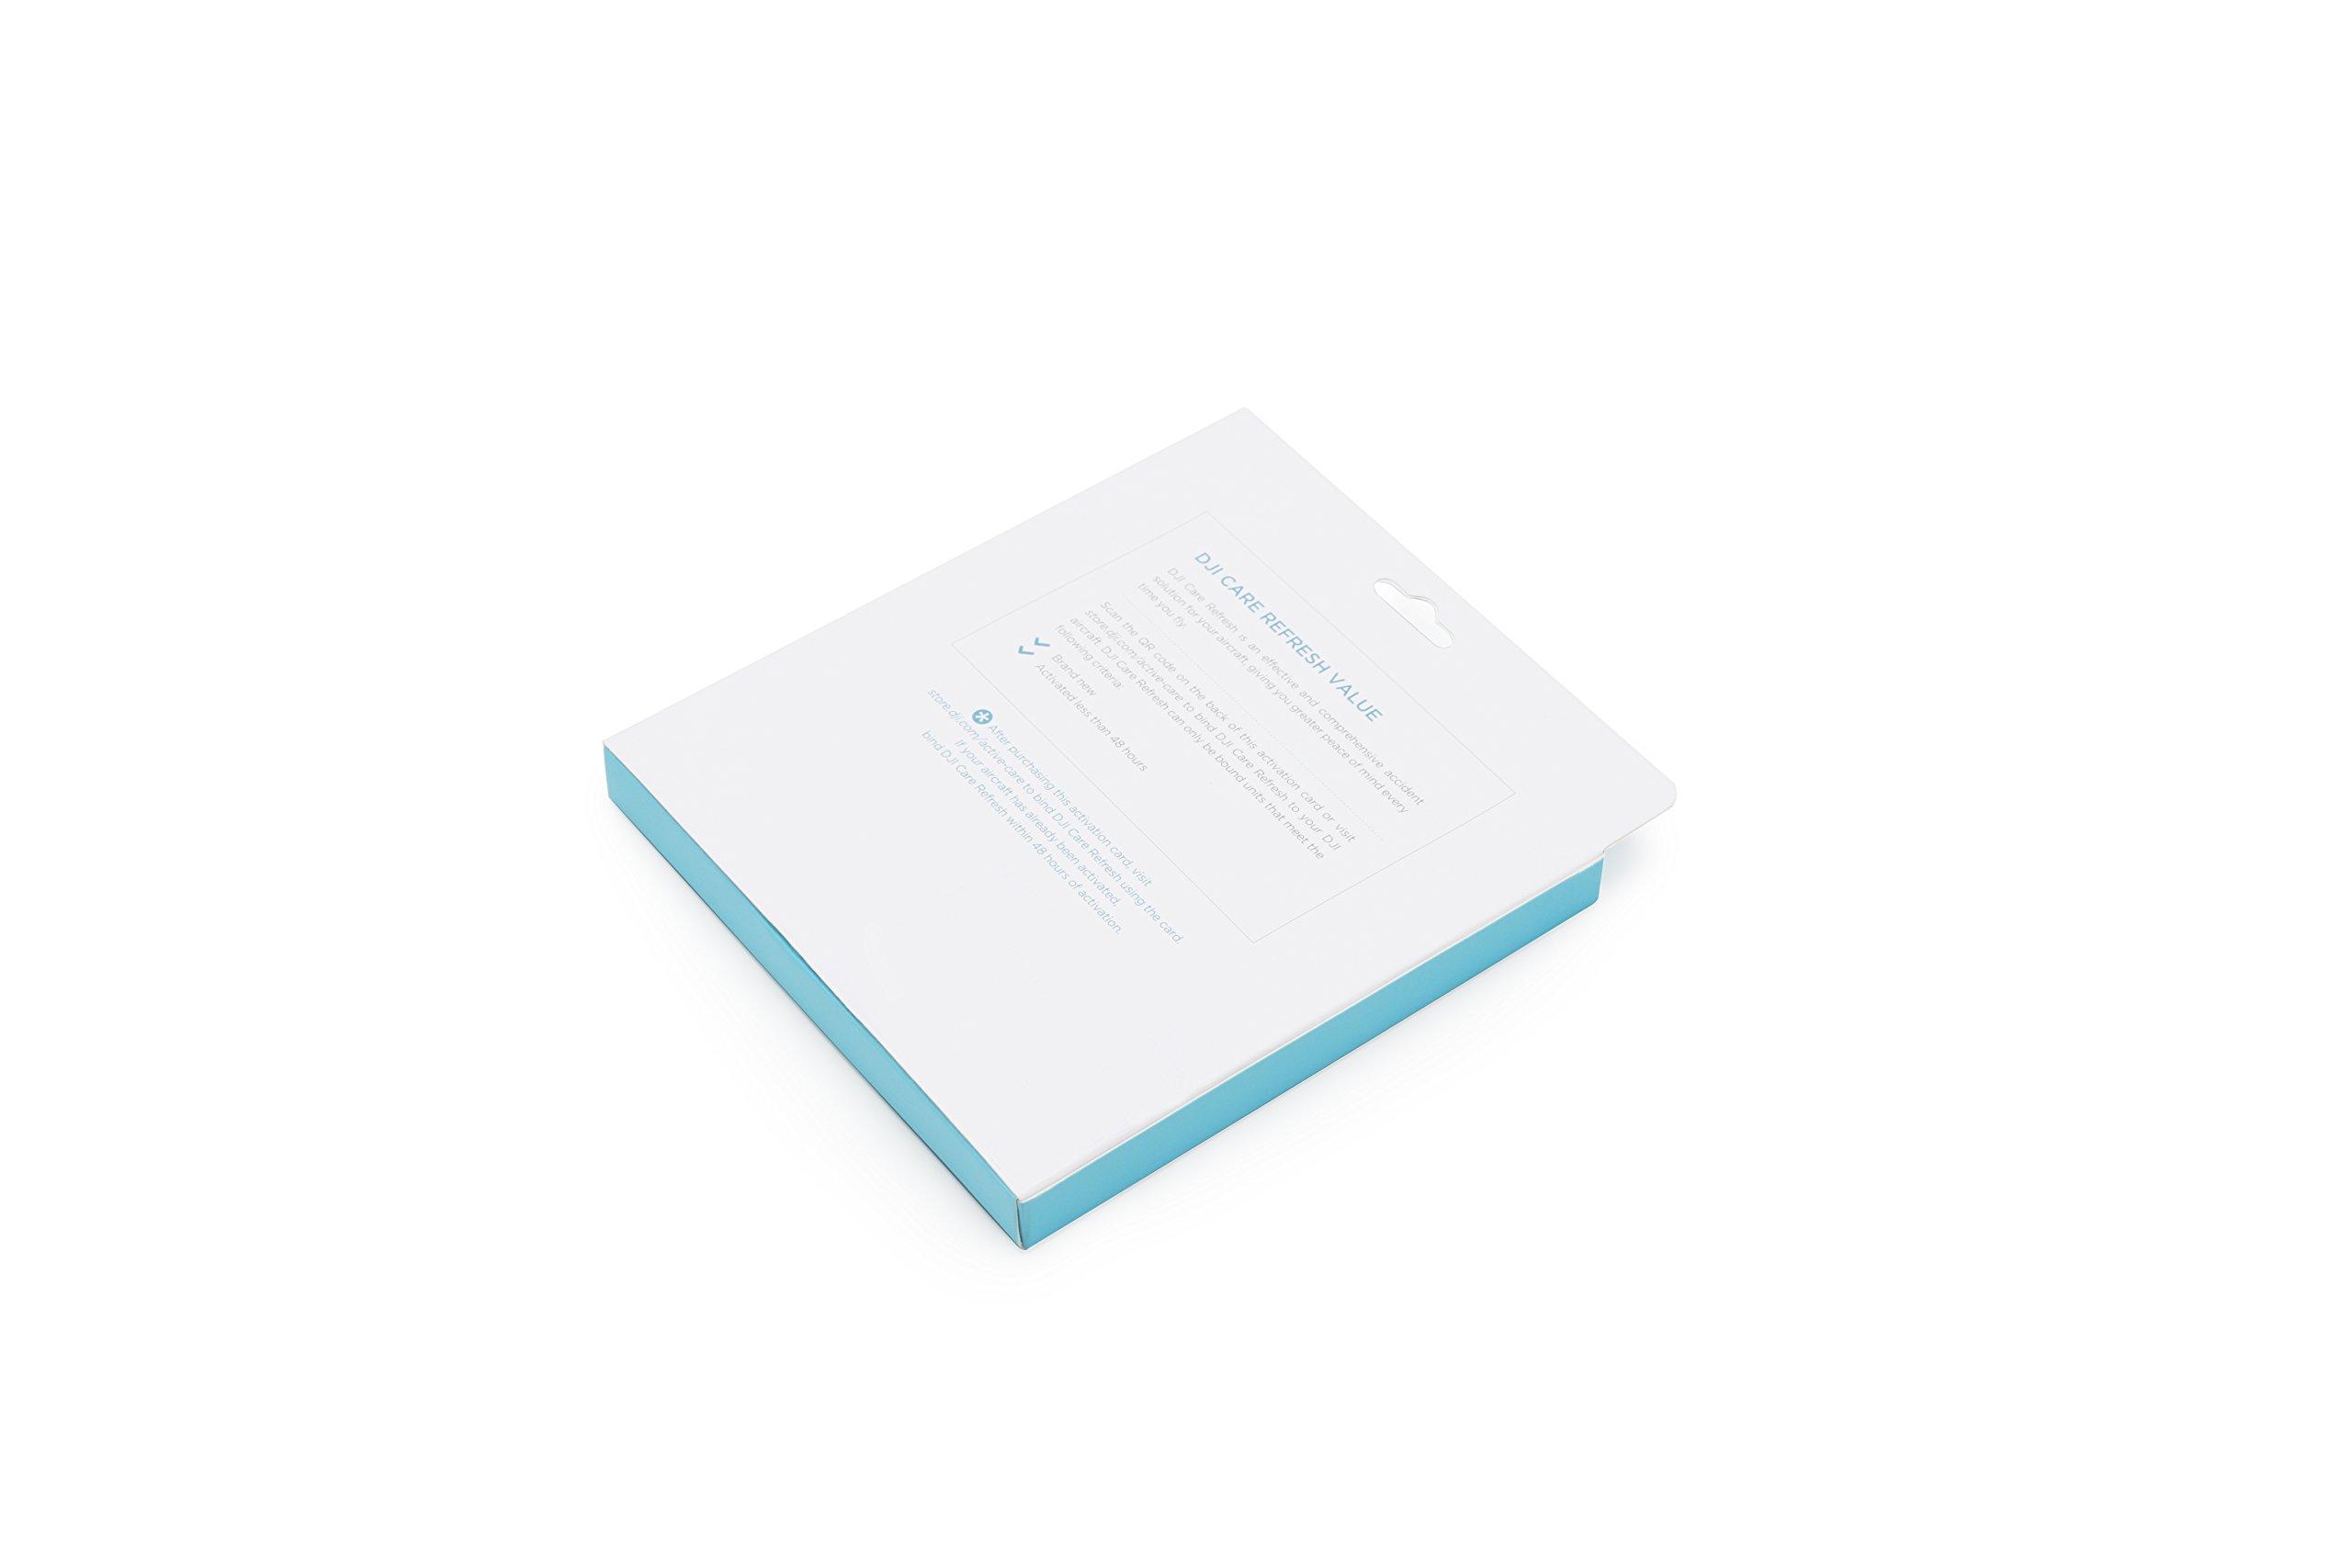 DJI-CPPT000641-Mavic-Pro-Drone-Combo-Kit